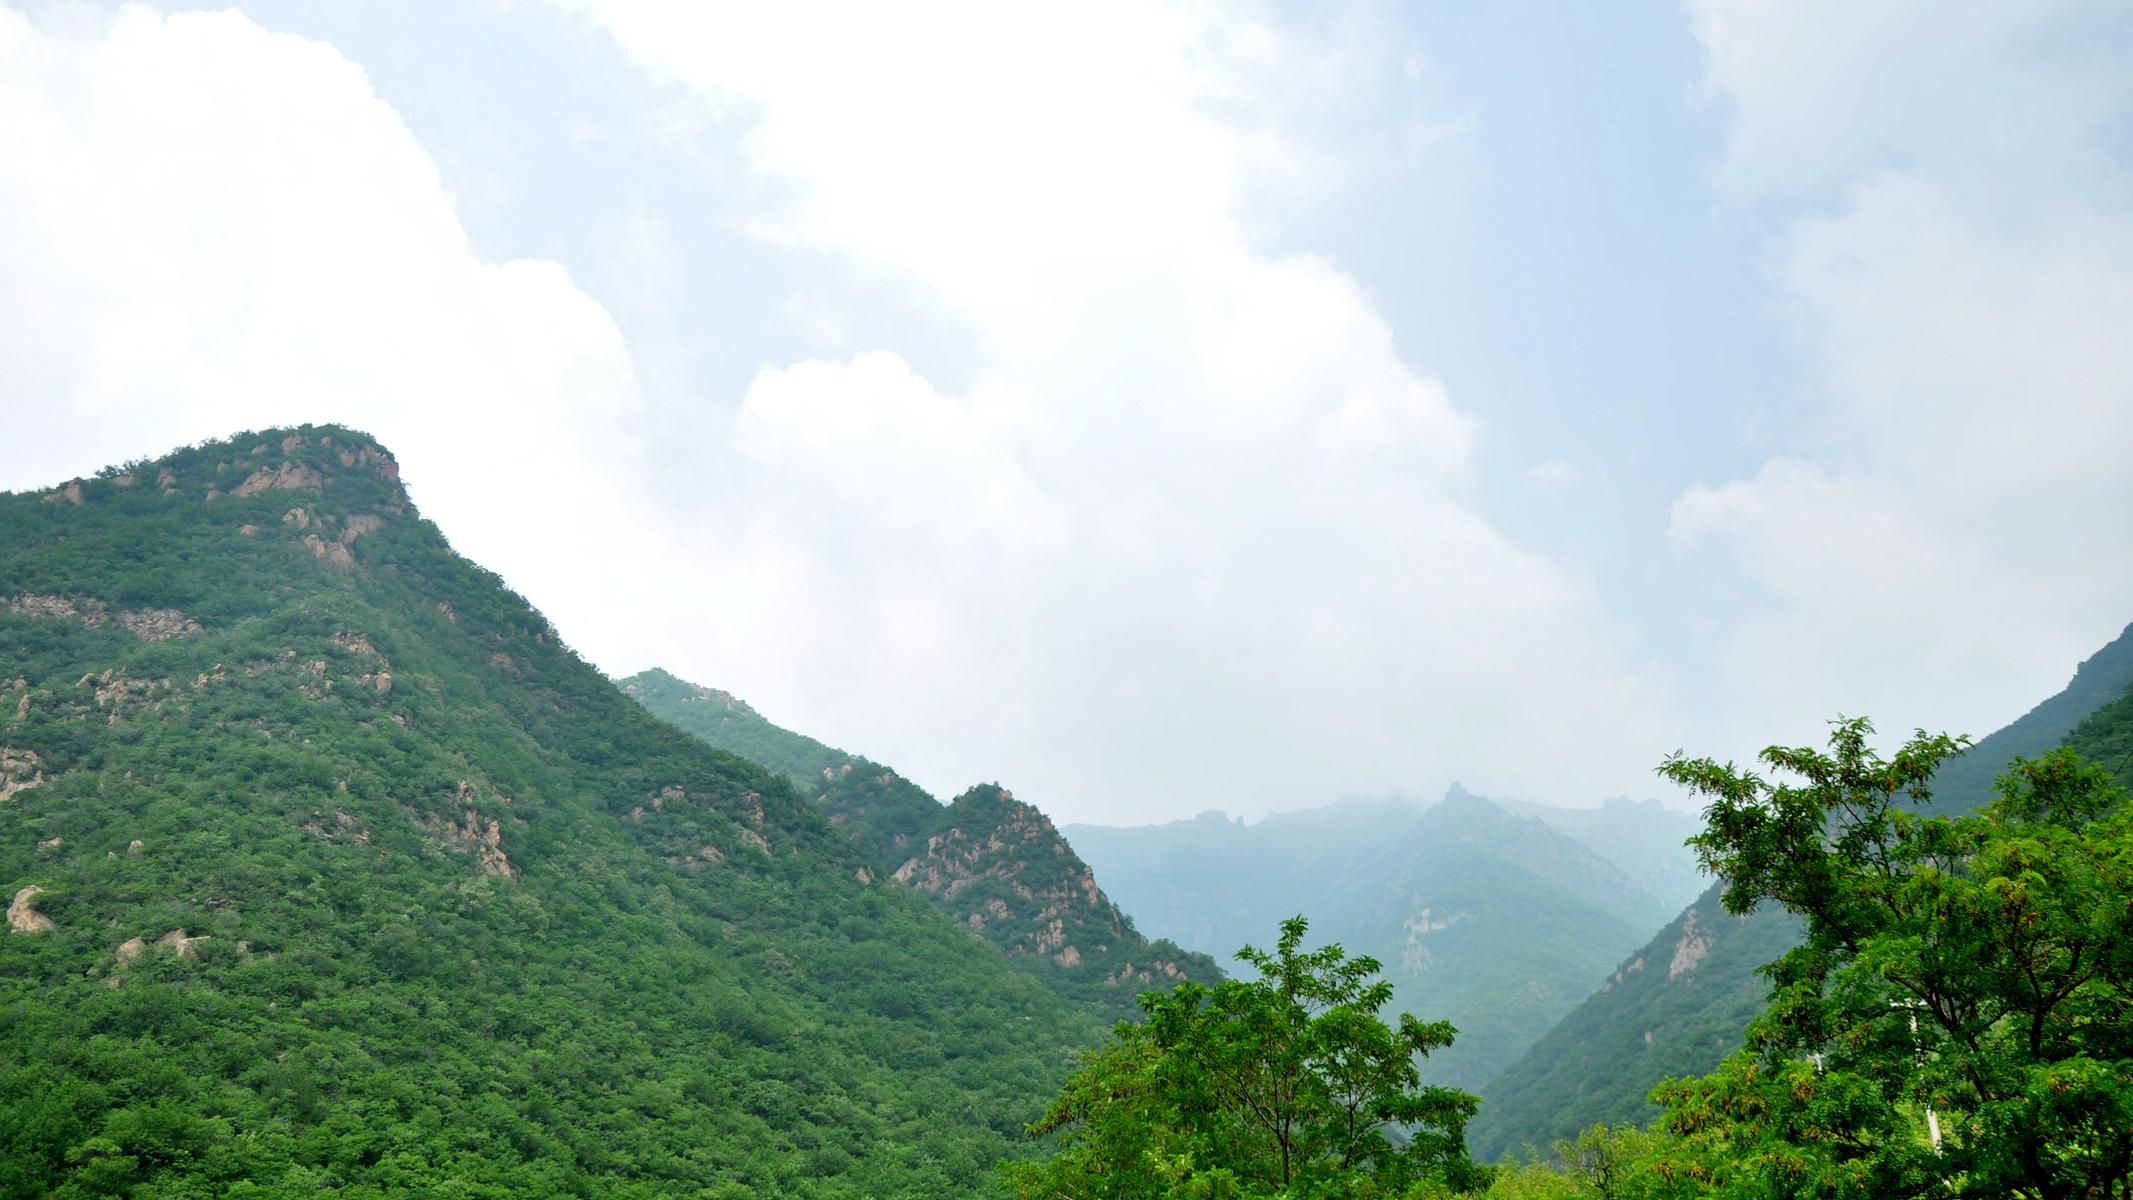 2014年7月门头沟灵山自驾游